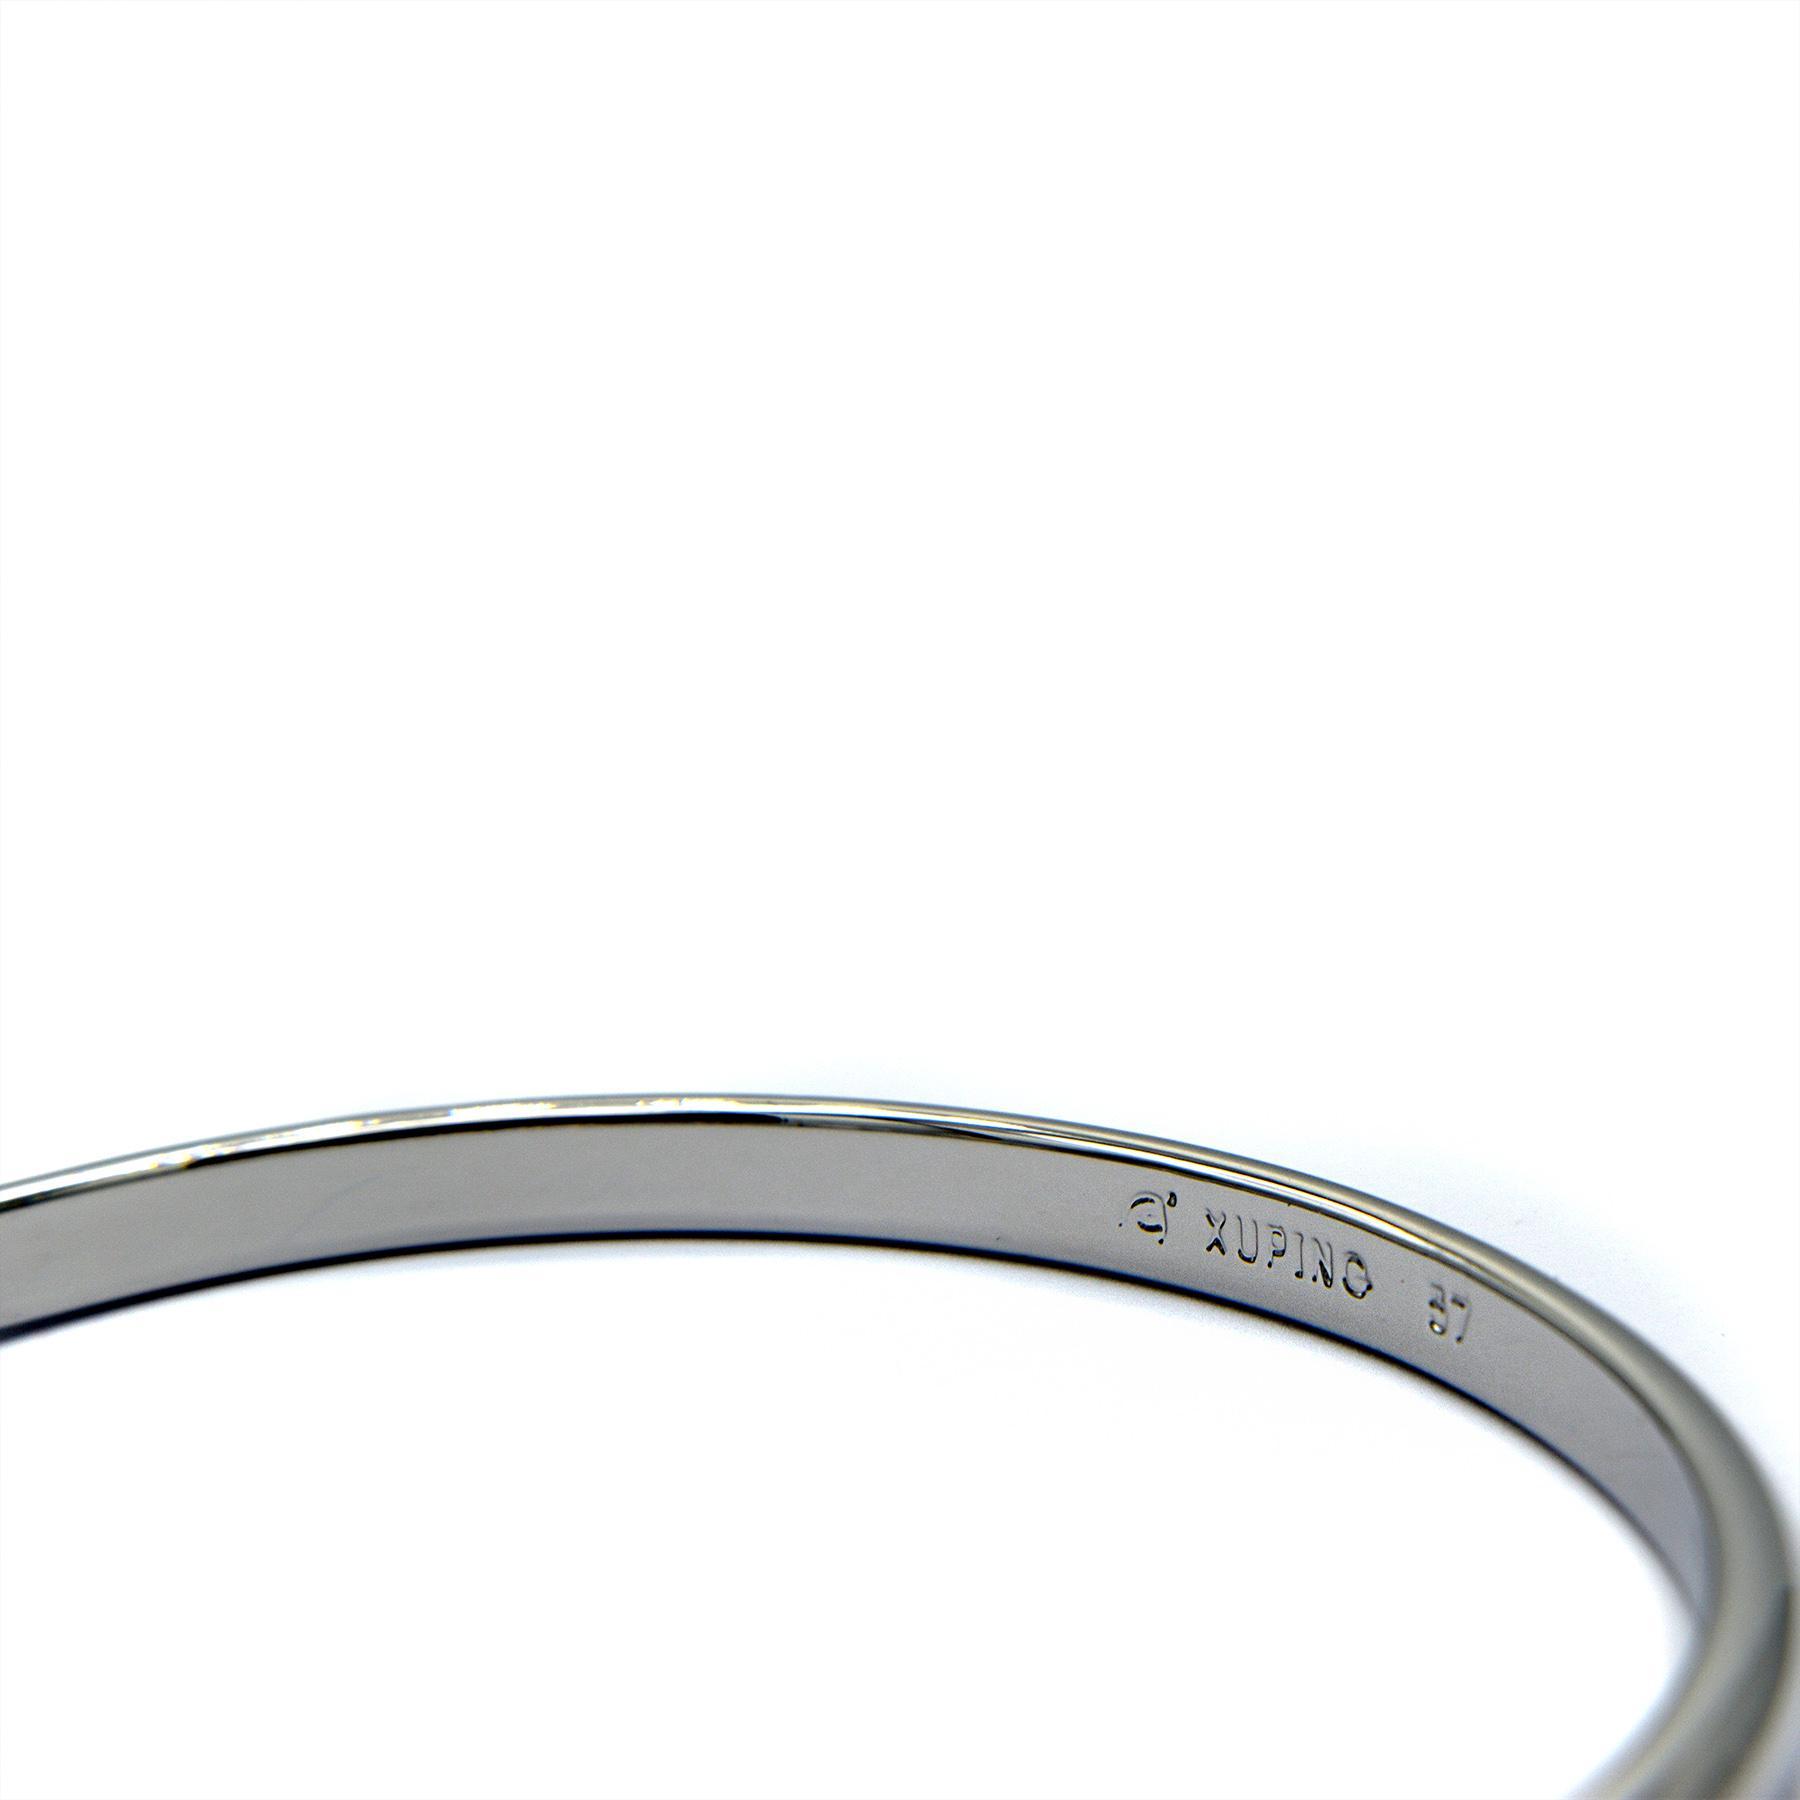 دستبند زنانه ژوپینگ روکش رادیوم ds-n355 از نمای داخل